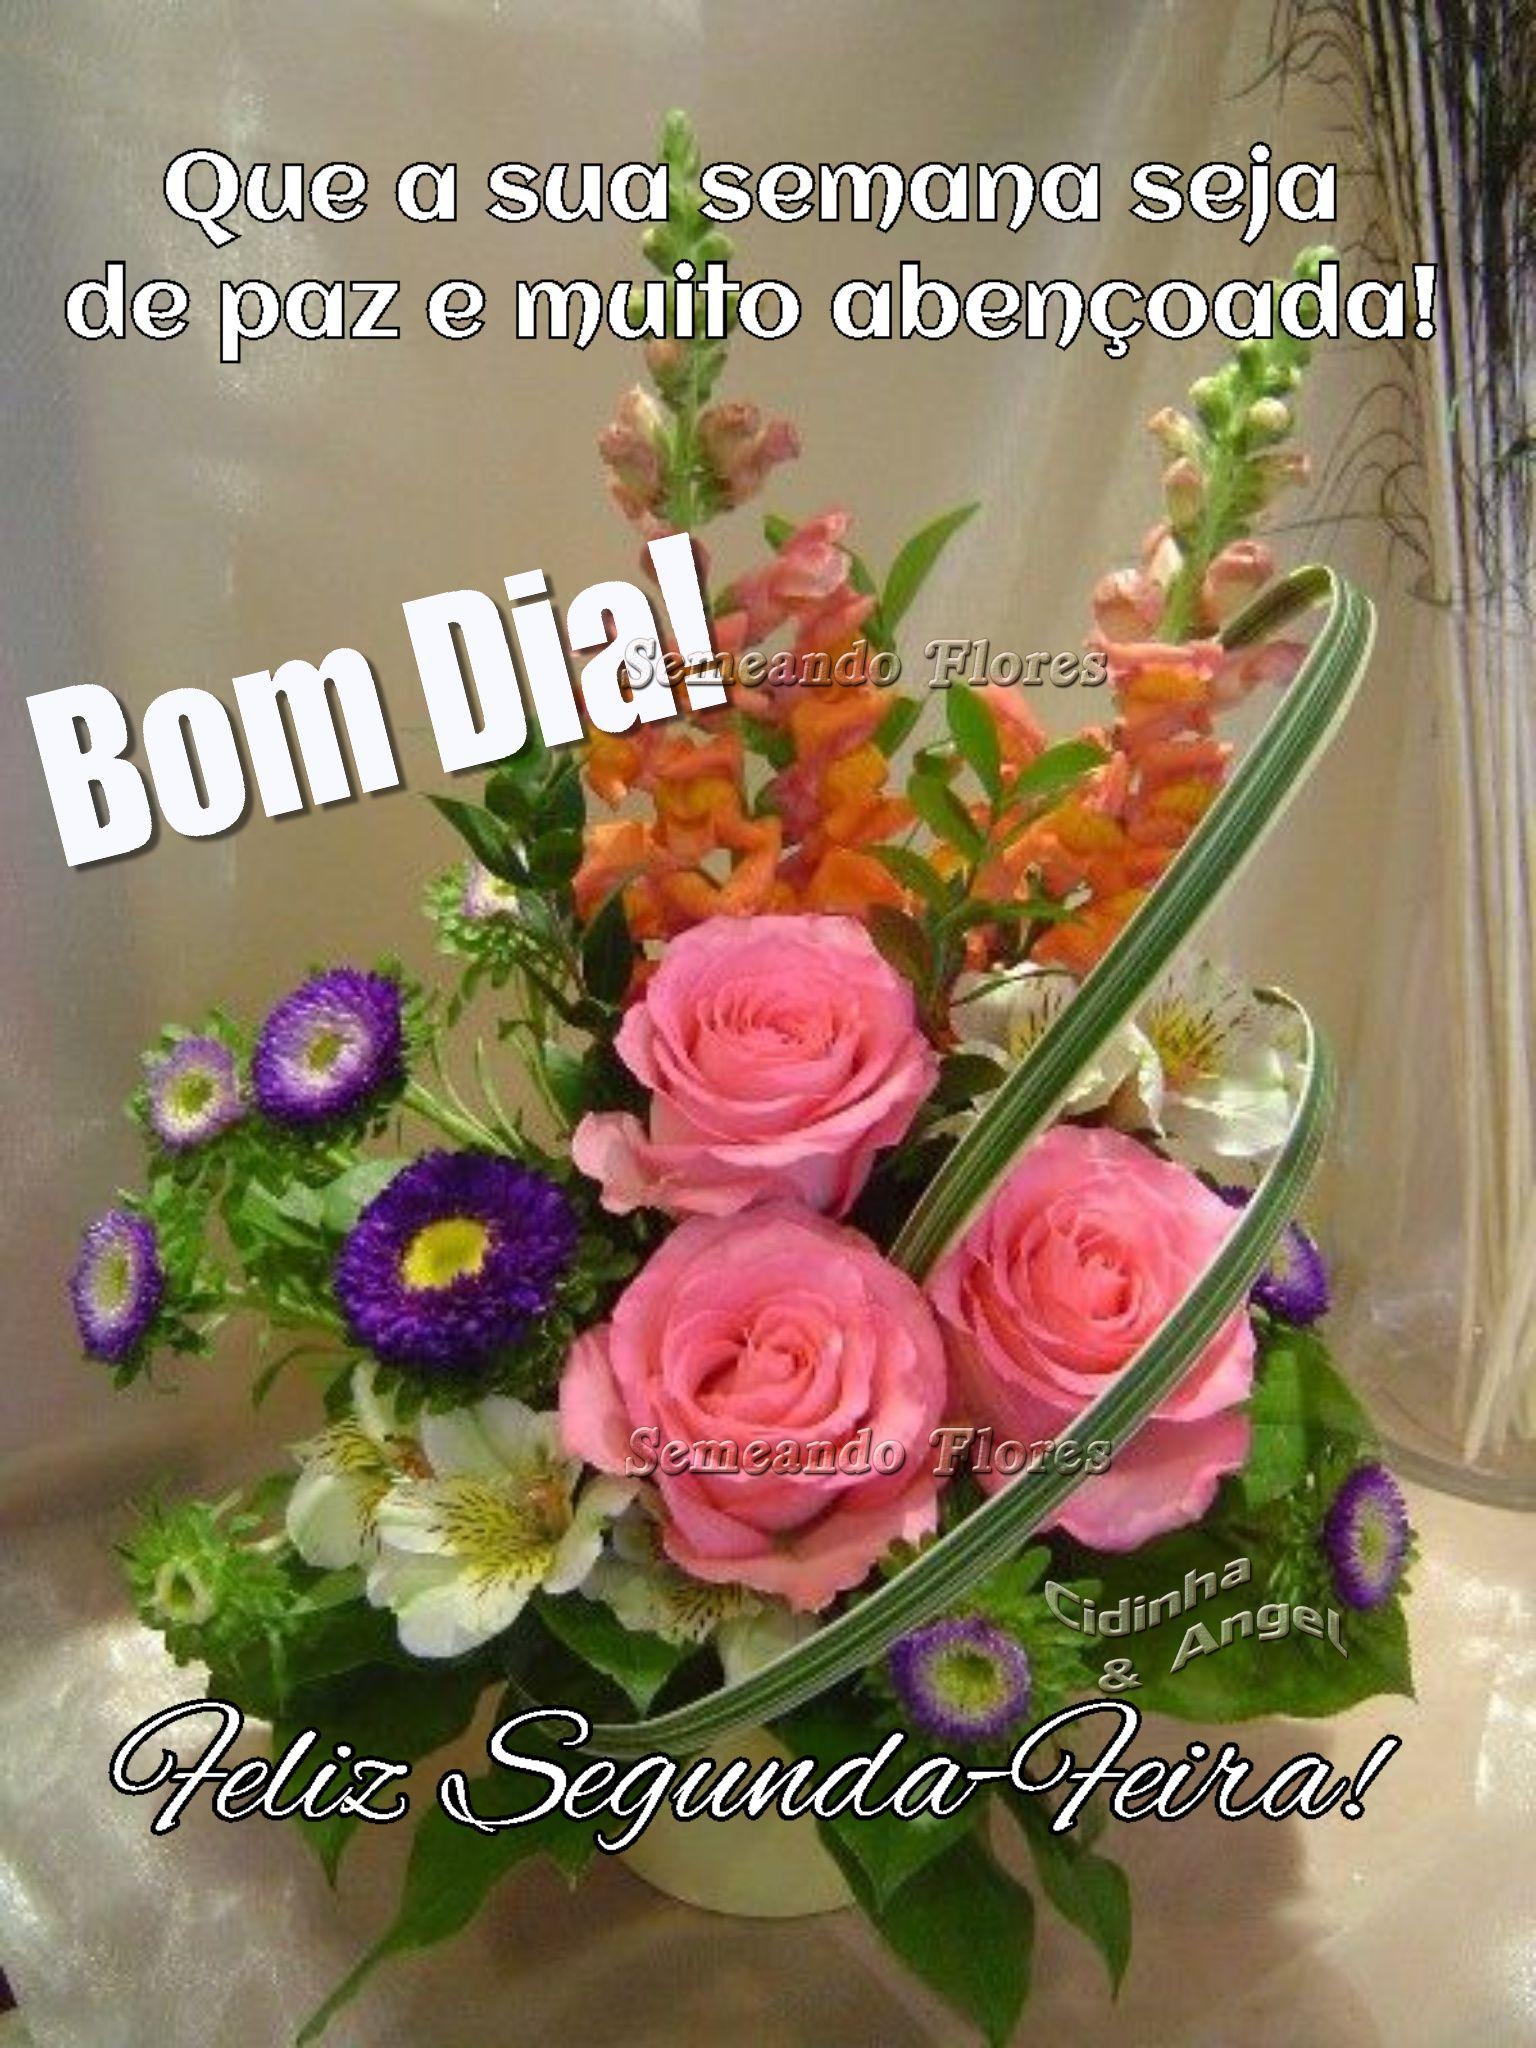 Pin De Edesia Santos Em Mensagem De Boa Noite Feliz Segunda